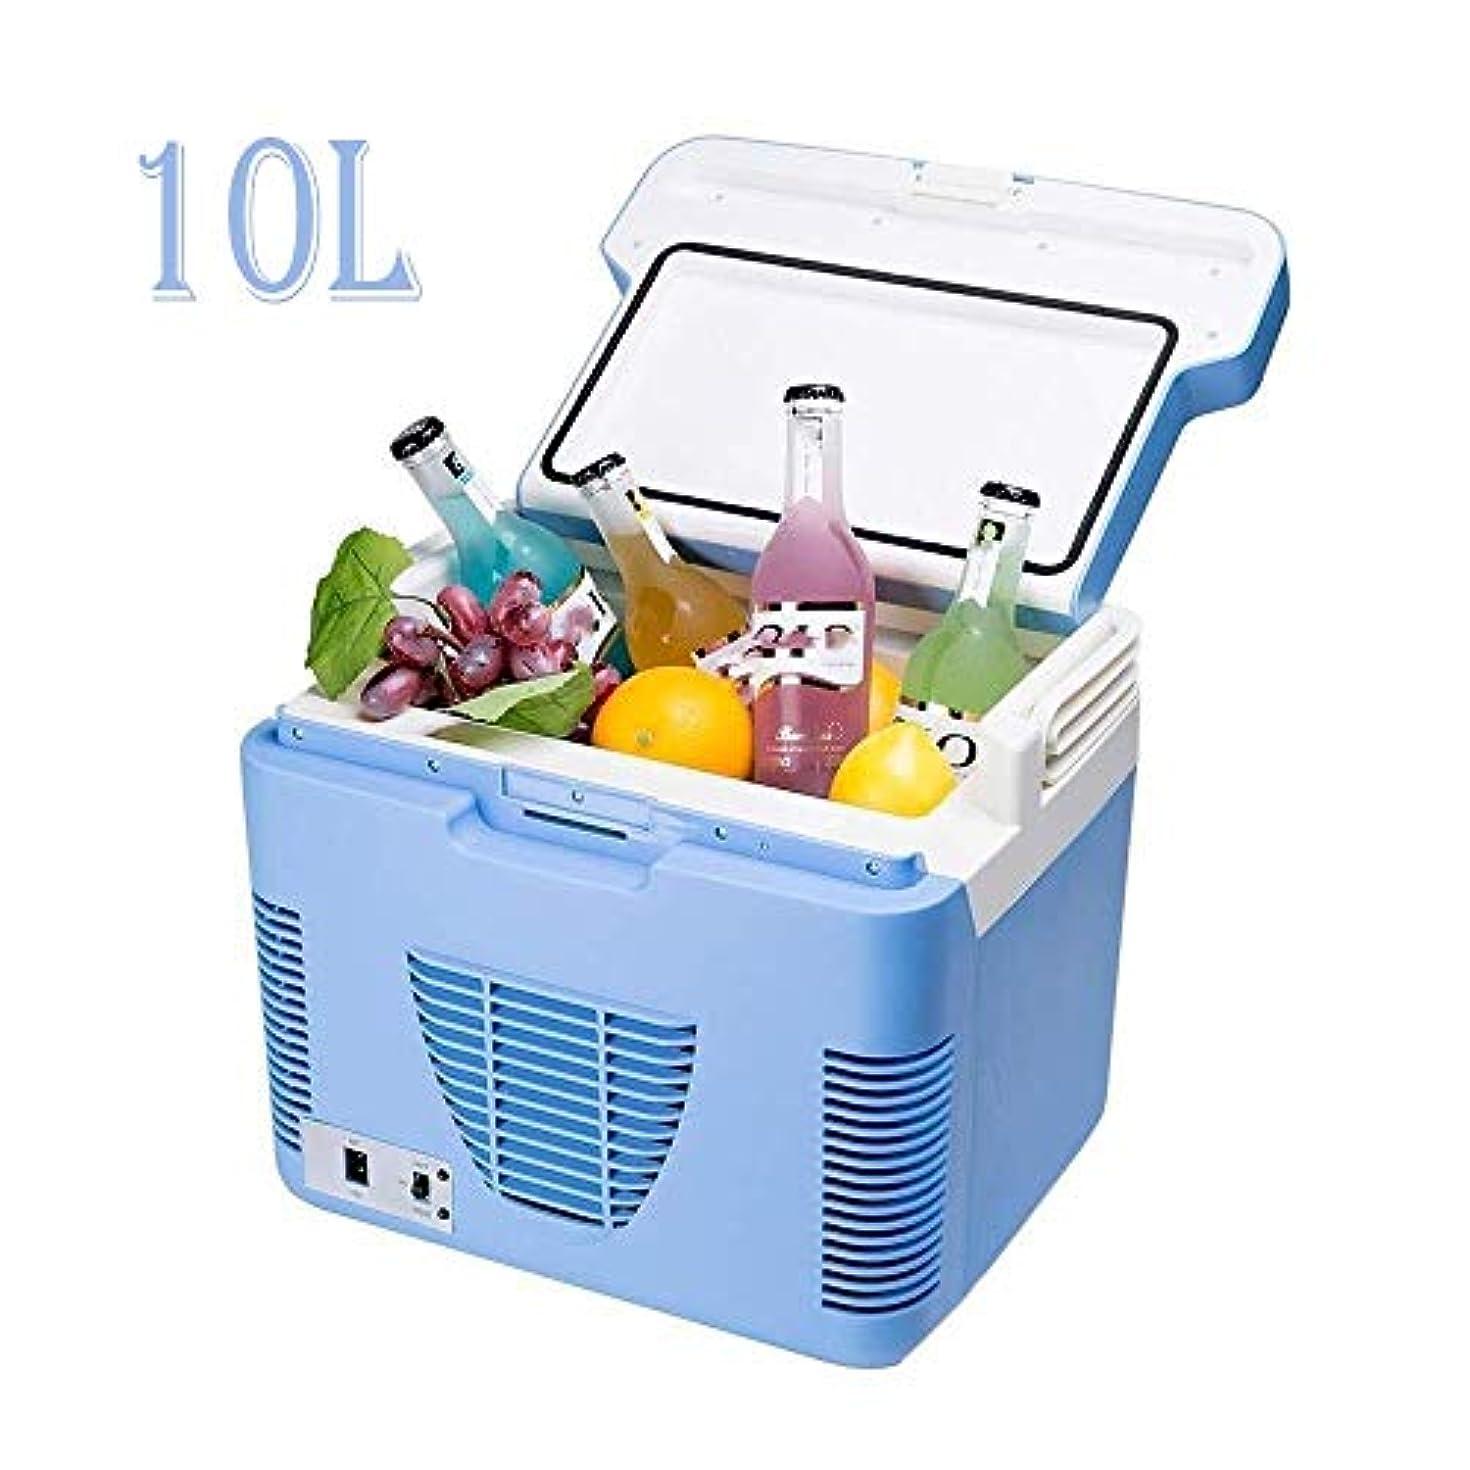 日記ロゴつぶす車の冷蔵庫、キャンプのポータブル旅行冷蔵庫10リットルクーラーヒーターヒーター電気冷蔵庫ミニ冷蔵庫フリーザー12v、旅行やキャンプに使用されます。